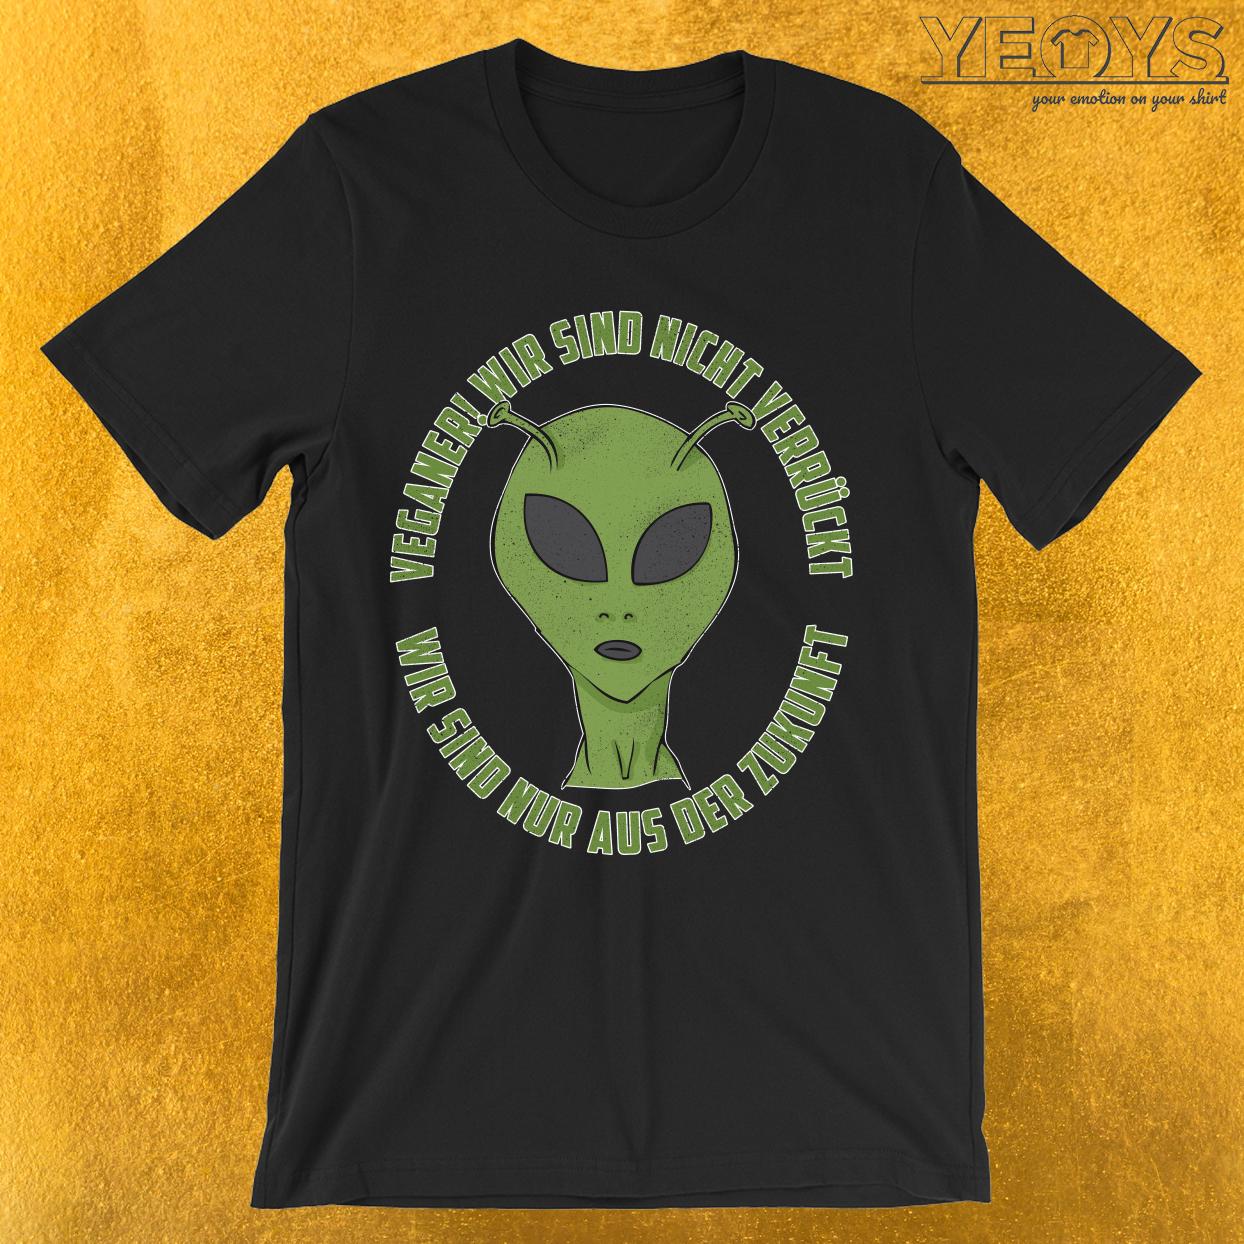 Veganer Wir Sind Aus Der Zukunft T-Shirt